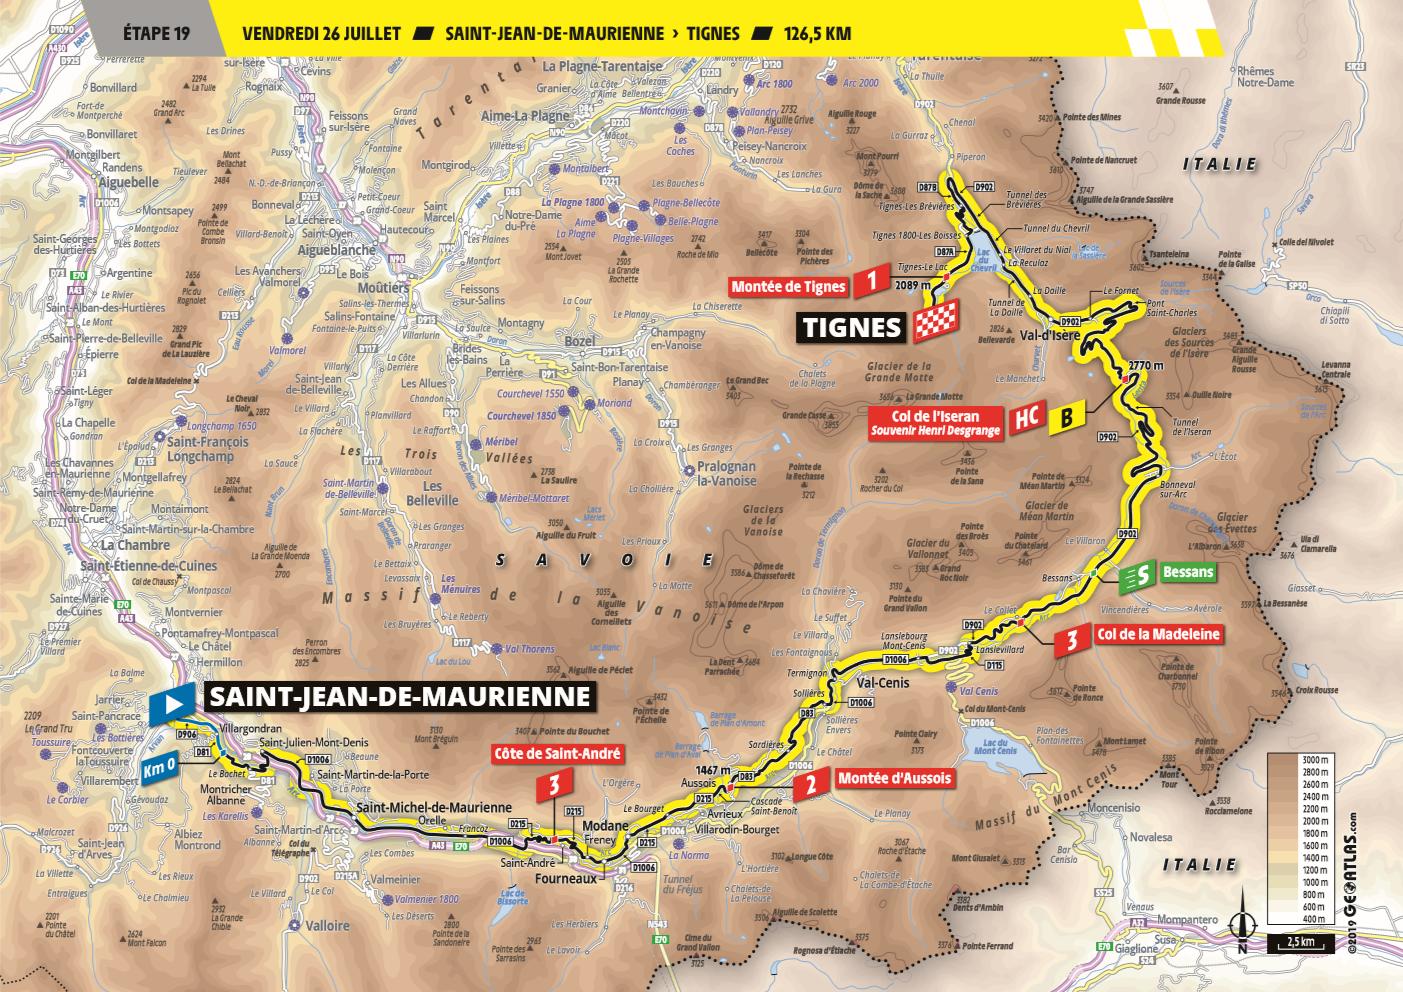 Tour de France 2019 - Page 21 190619021629765113